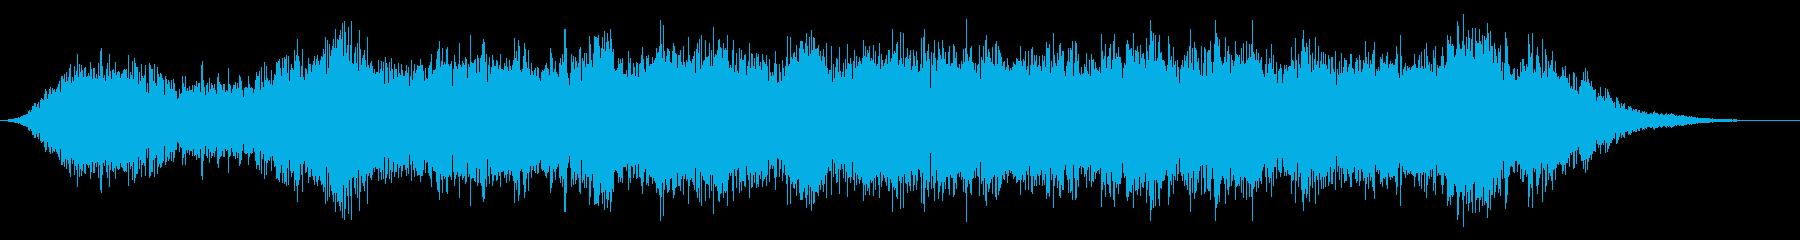 ストリングスの再生済みの波形